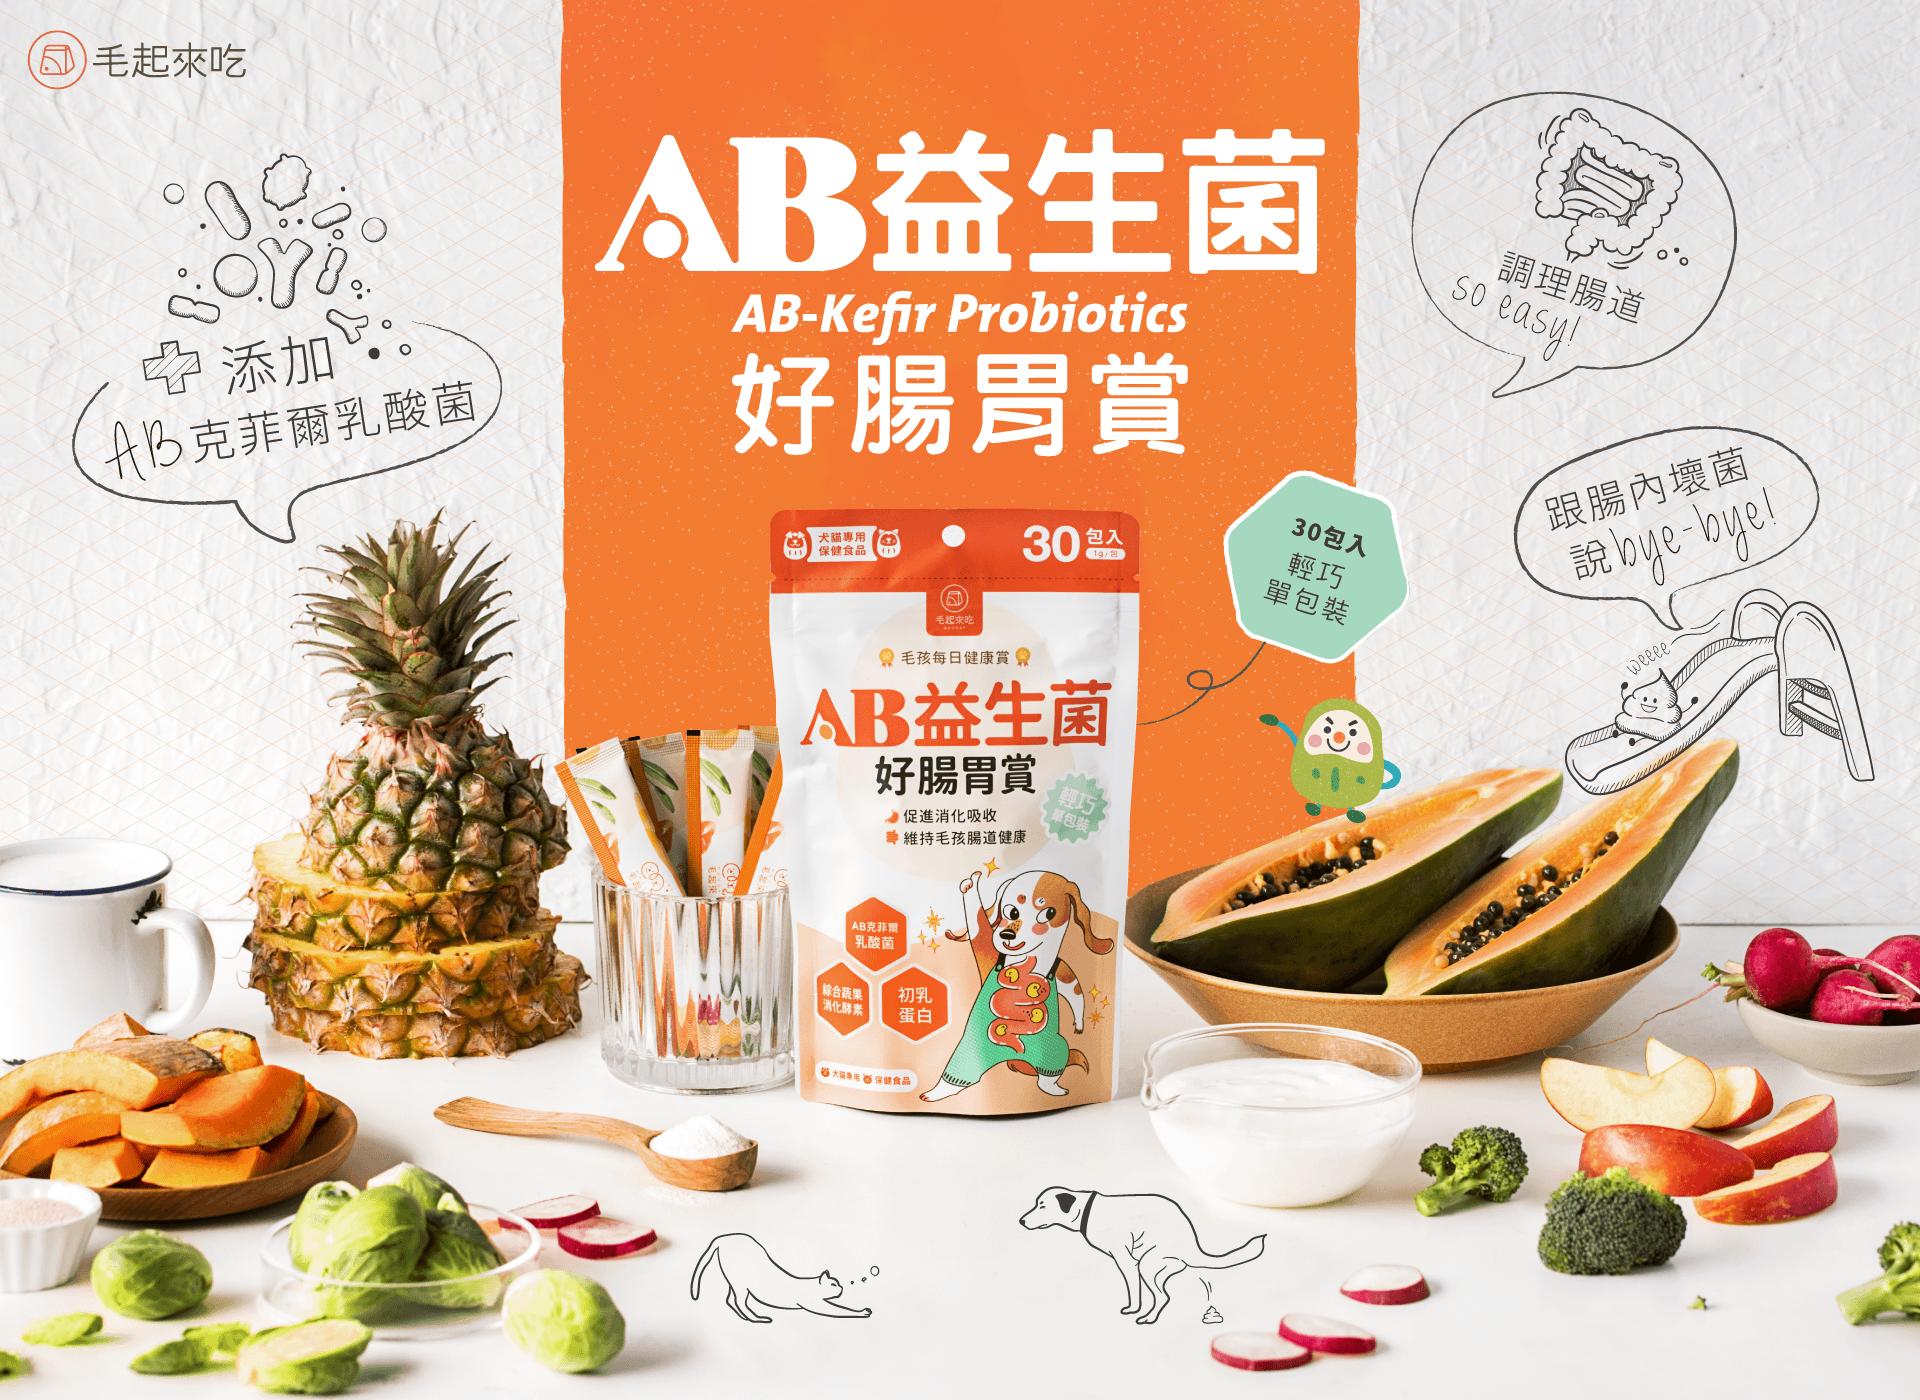 AB益生菌好腸胃賞